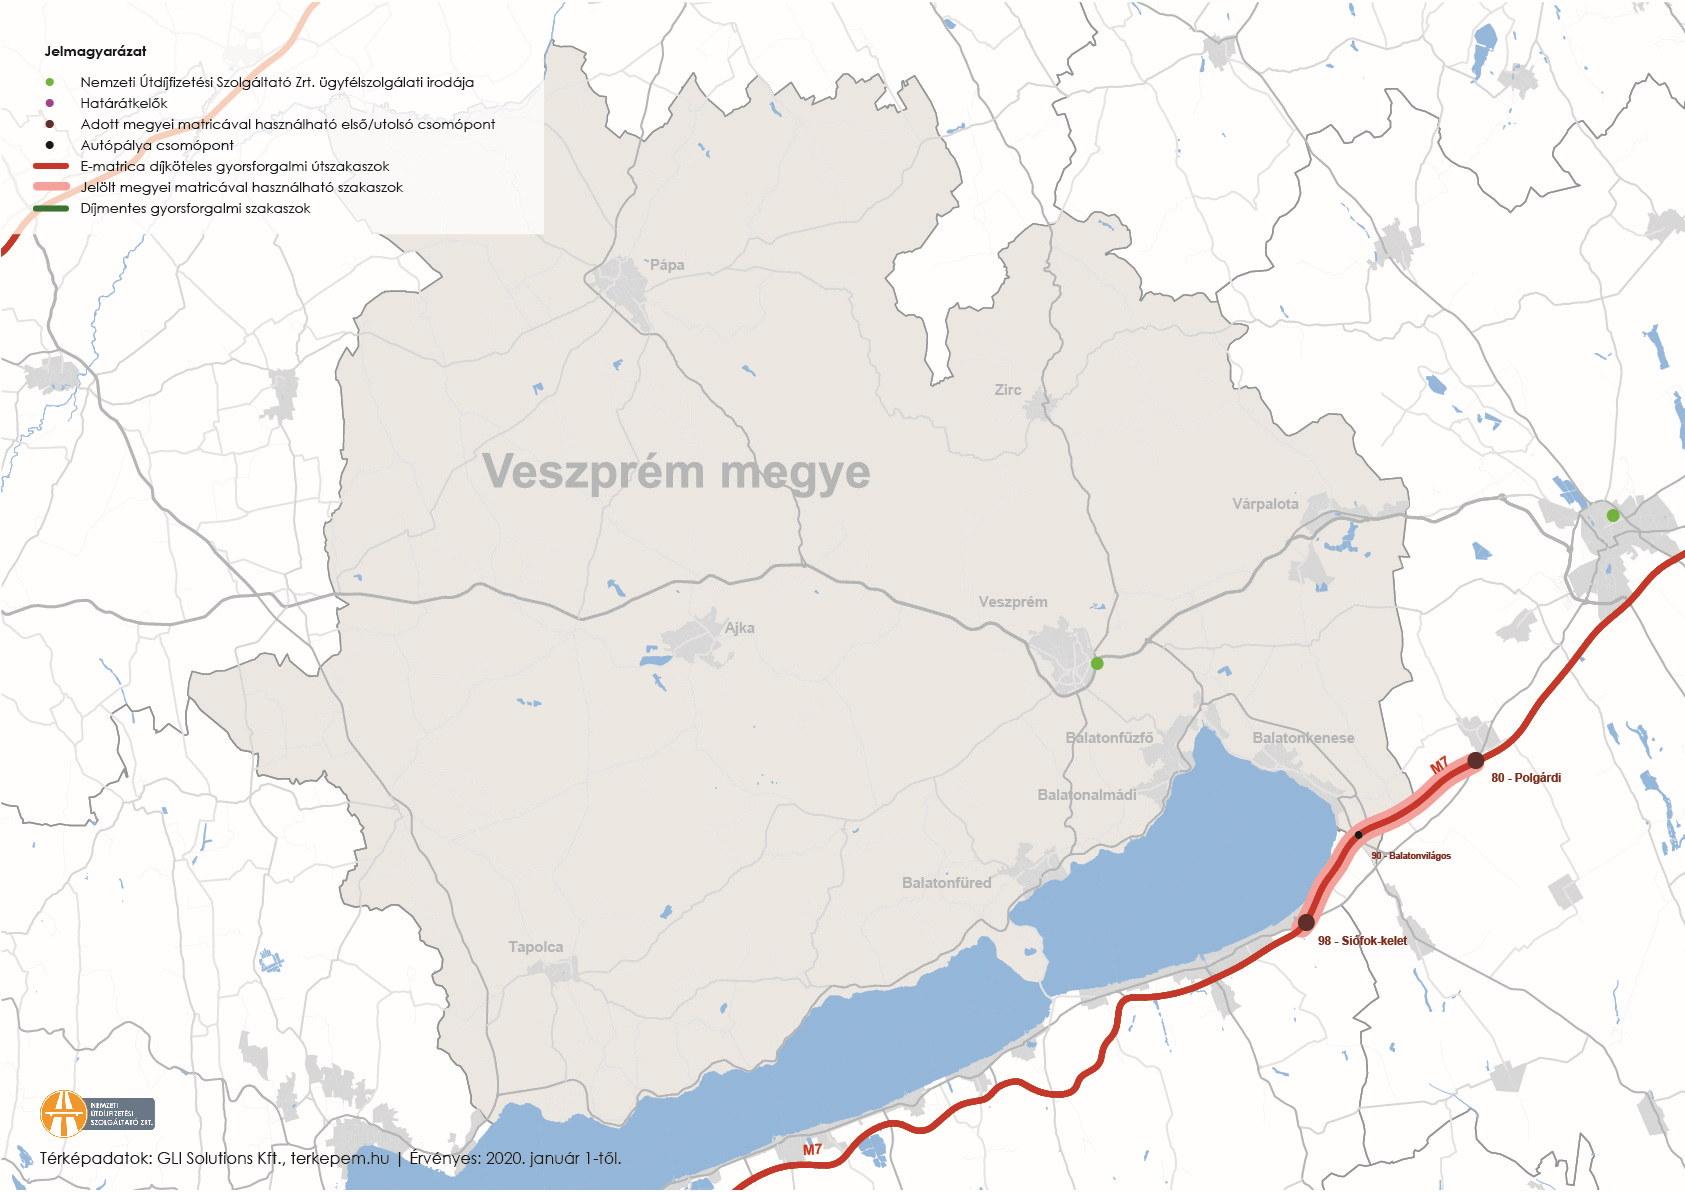 Veszprém megye úthálózatának térképe